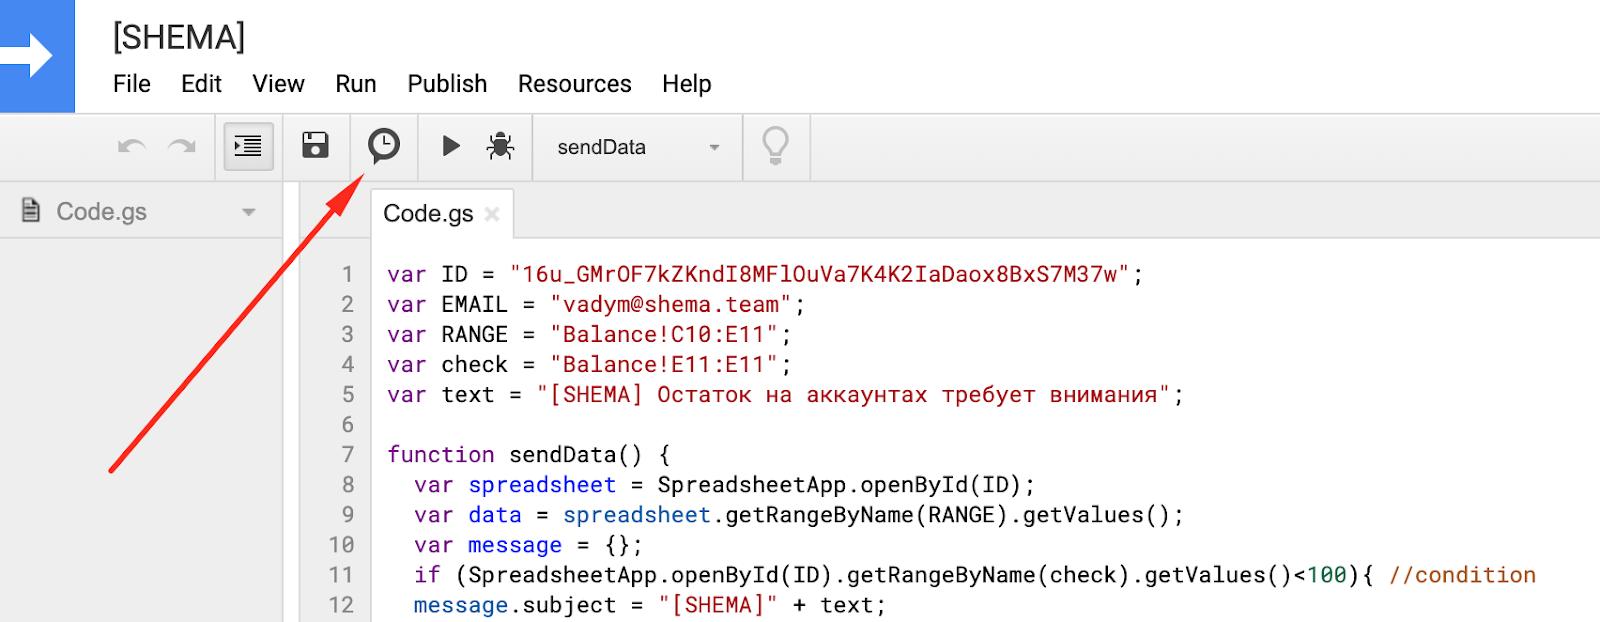 Как установить таймер для отработки скрипта в Google Sheets / SHEMA